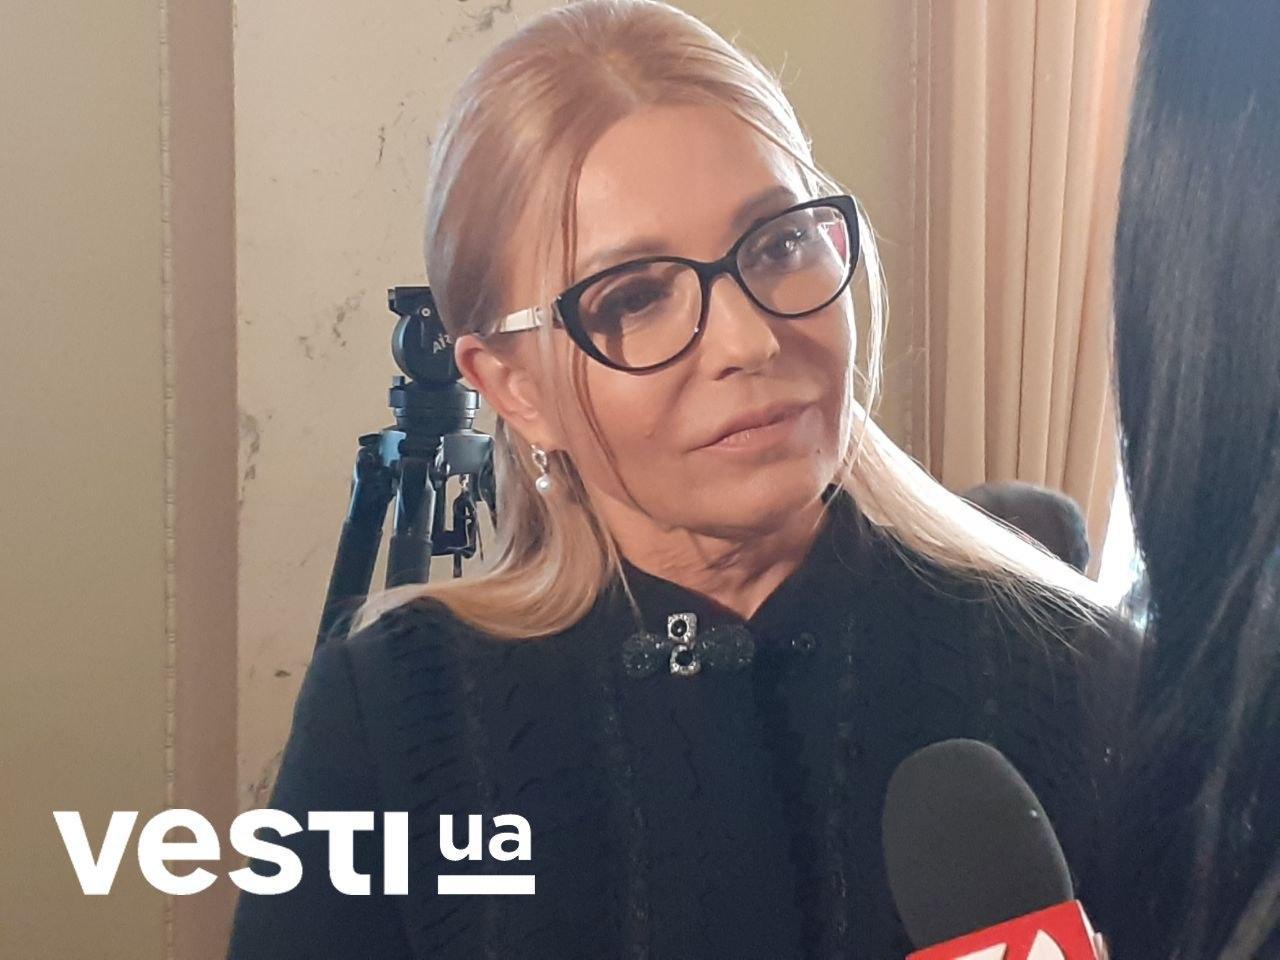 Тимошенко пришла в Раду в новом имидже